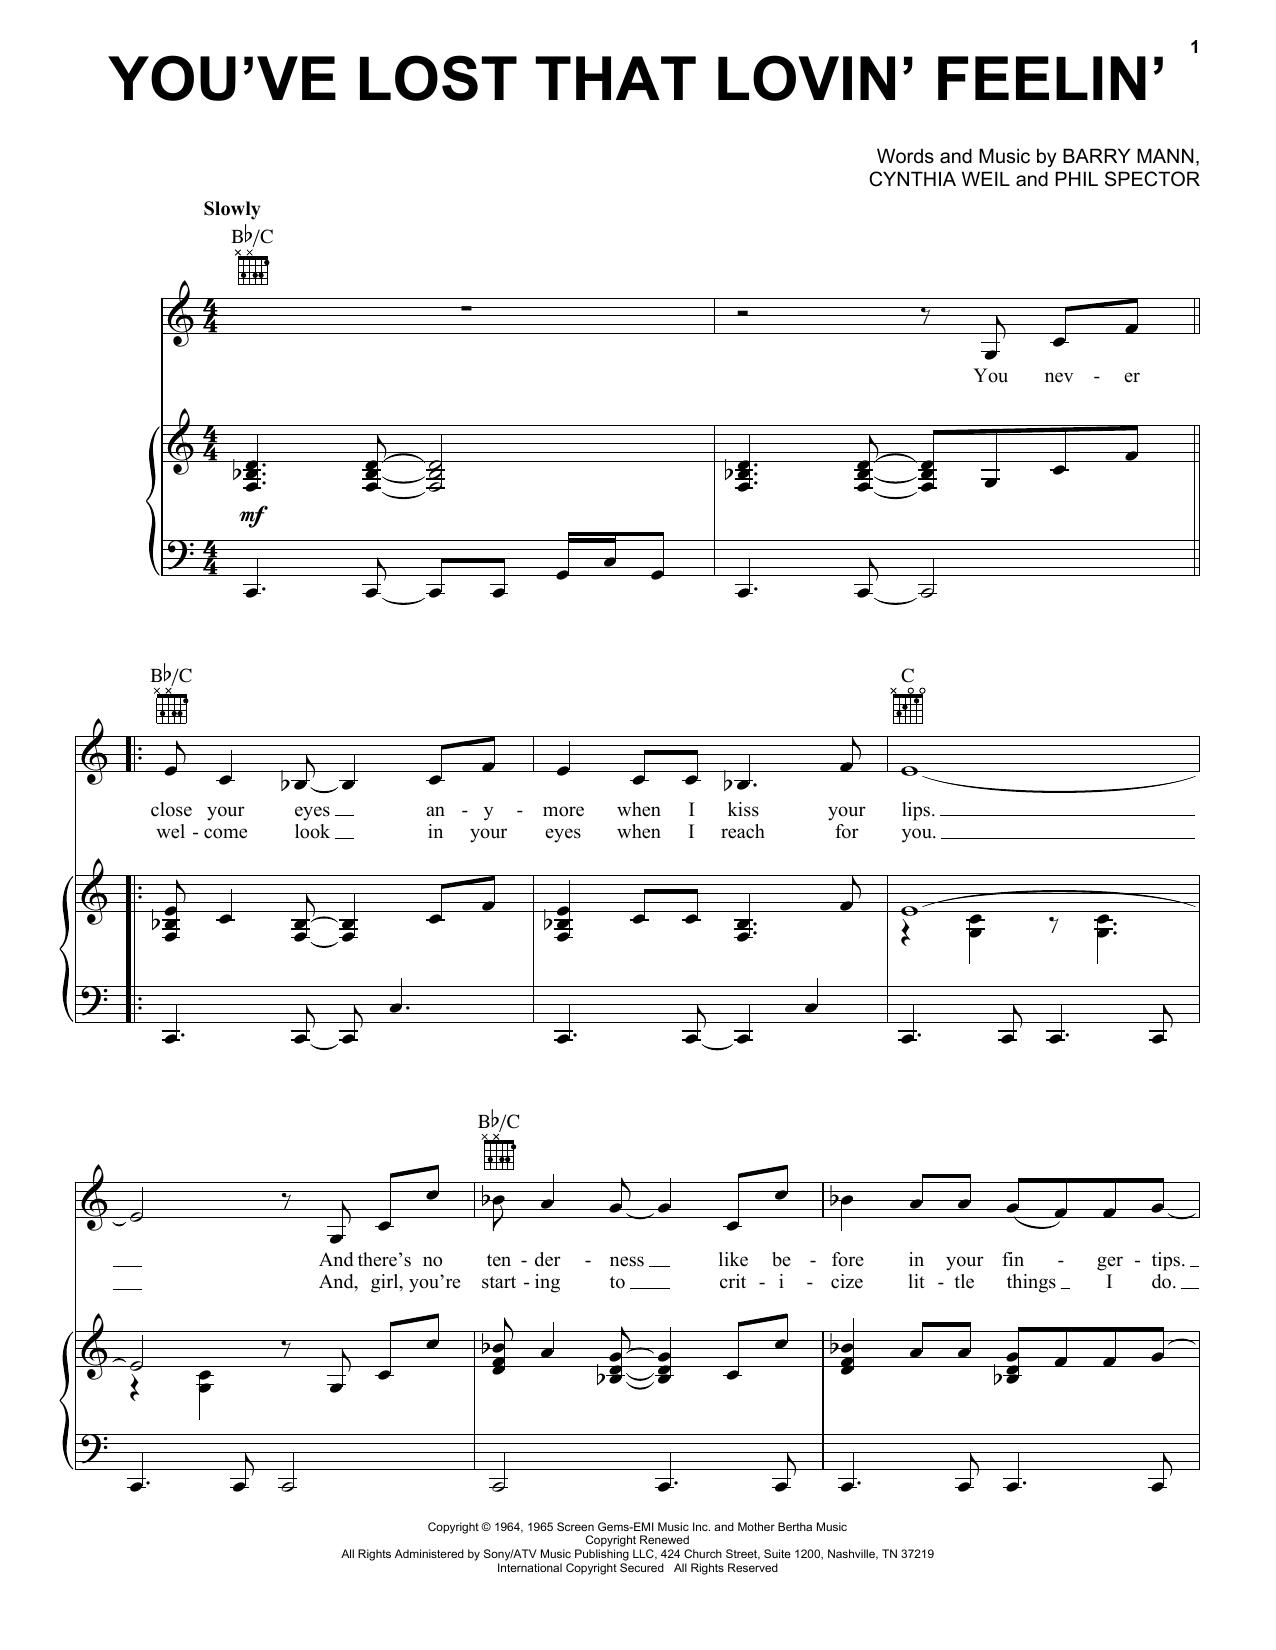 You've Lost That Lovin' Feelin' sheet music